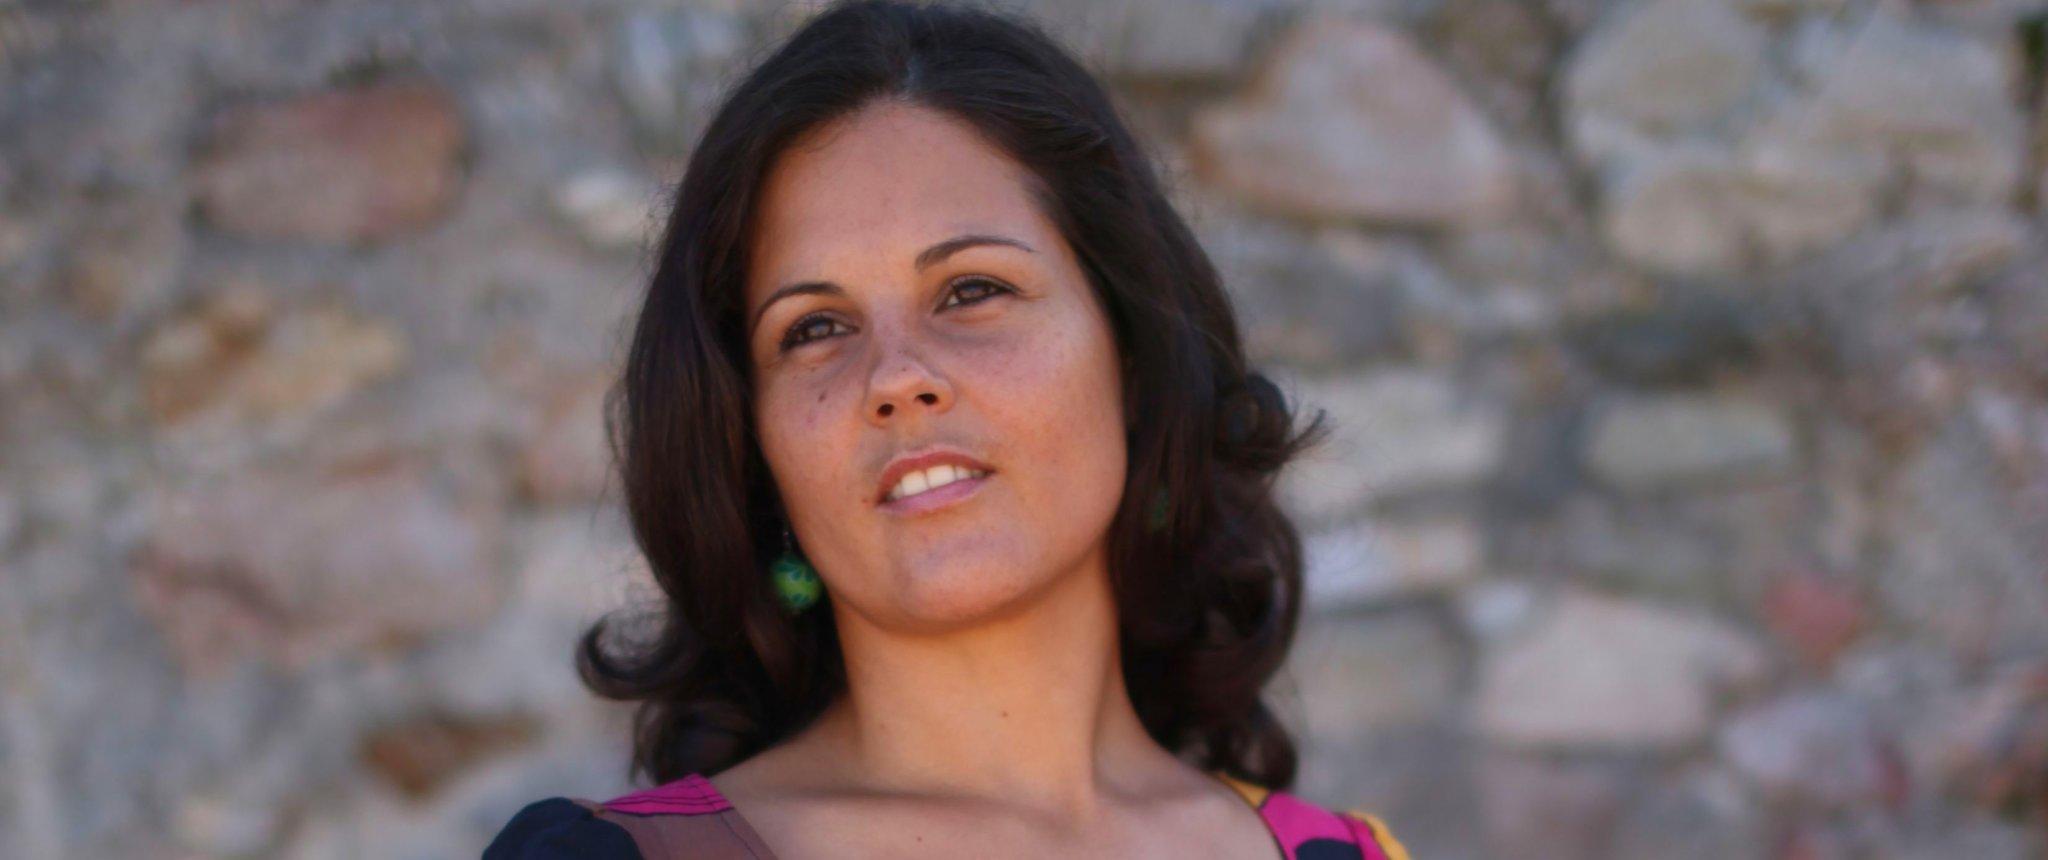 ROZHOVOR: Terapeutka Katka radí vždy počúvať svoju intuíciu